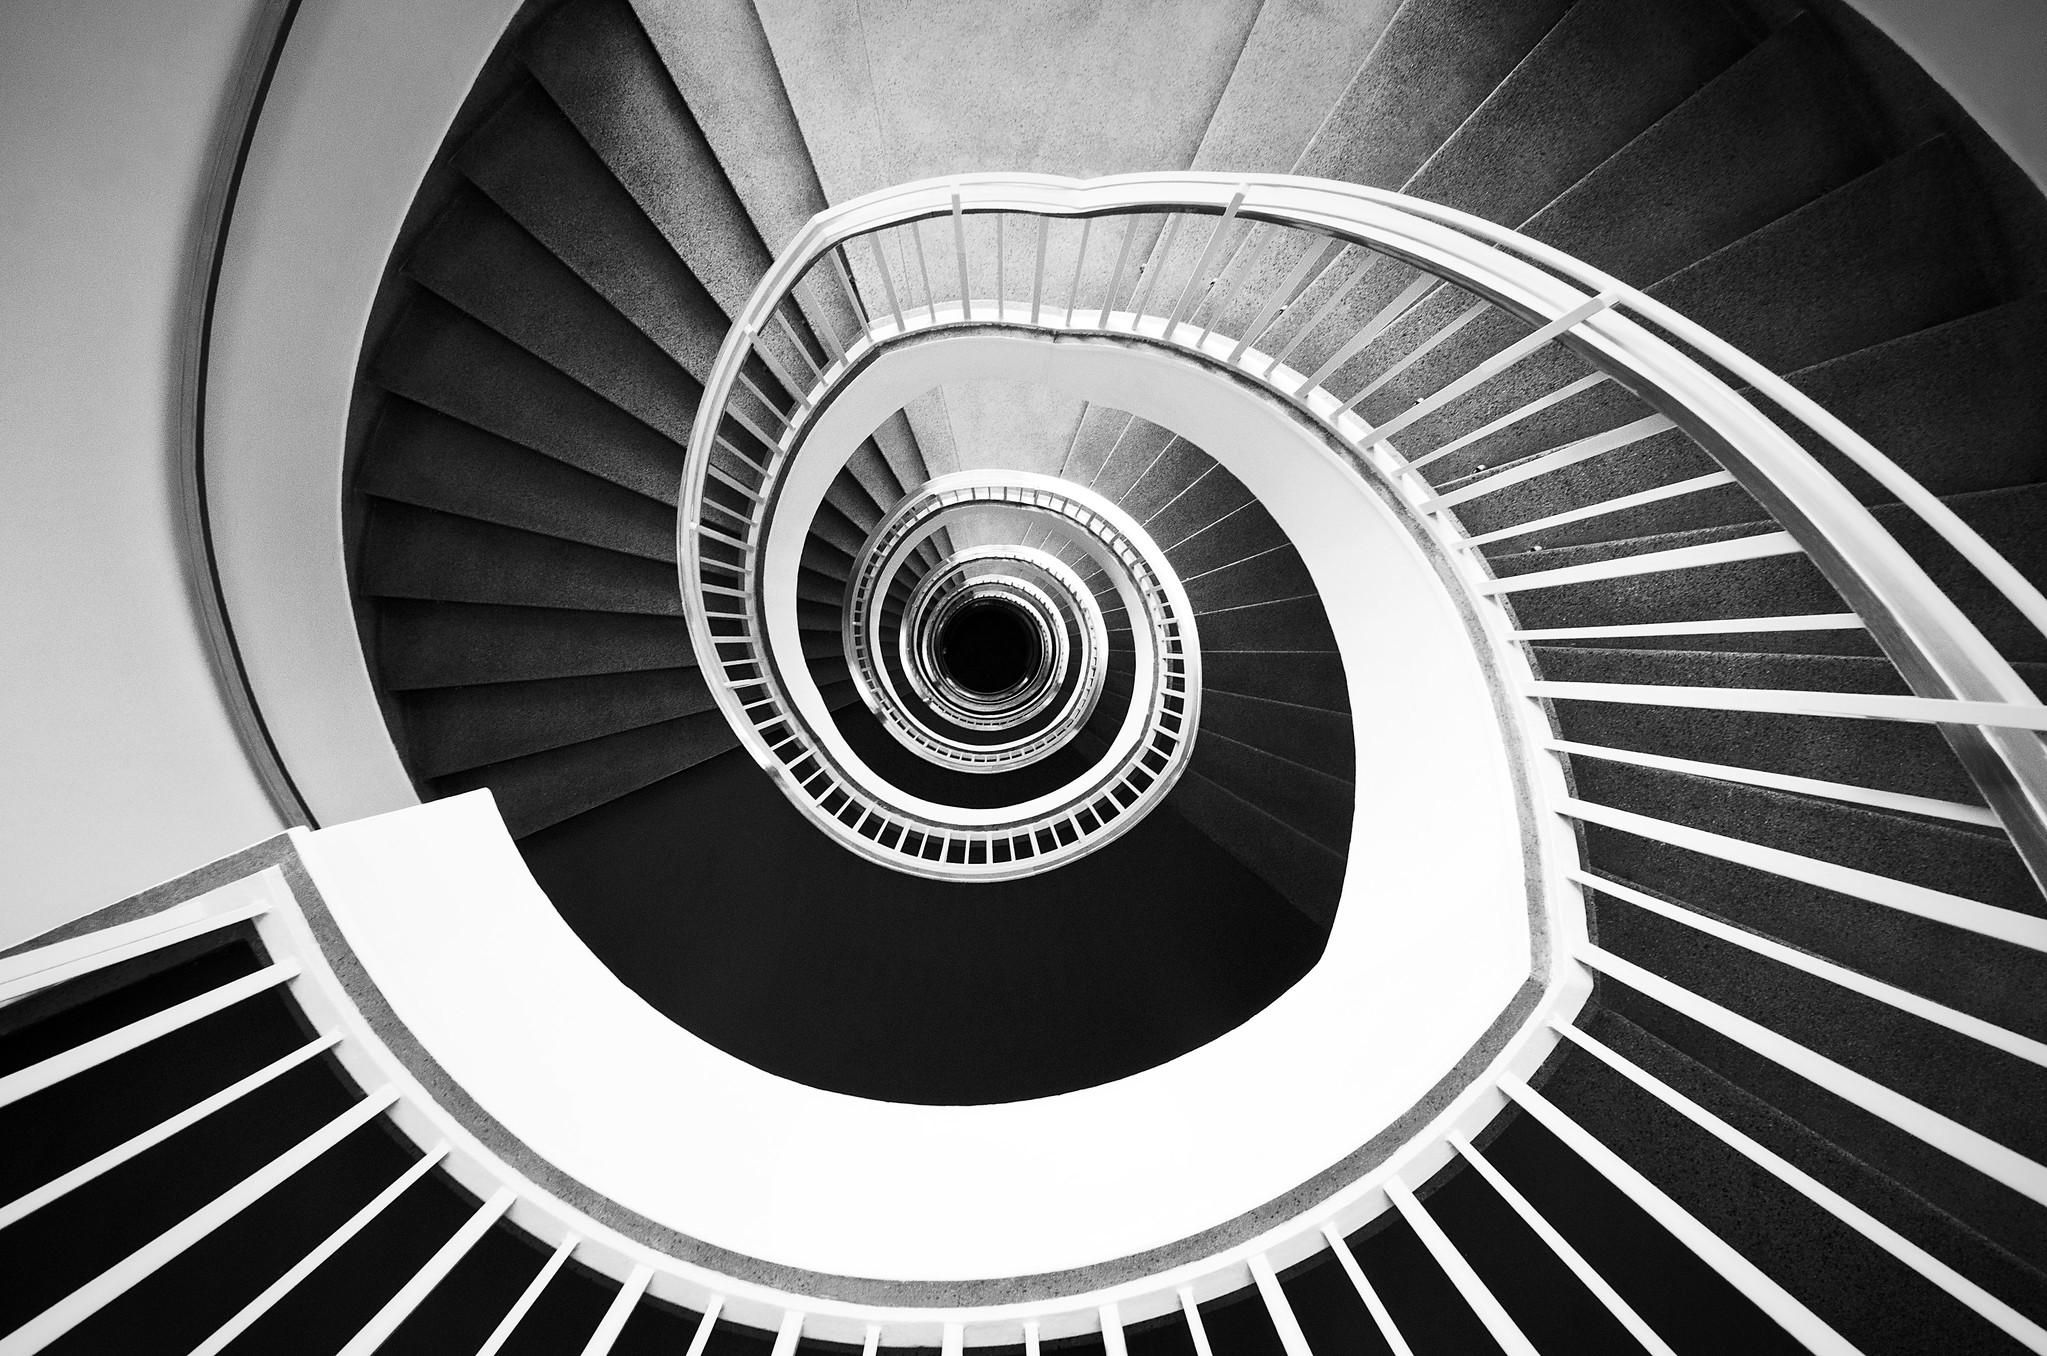 [免费图片素材] 建筑物, 楼梯, 黑白色 id:201206220400